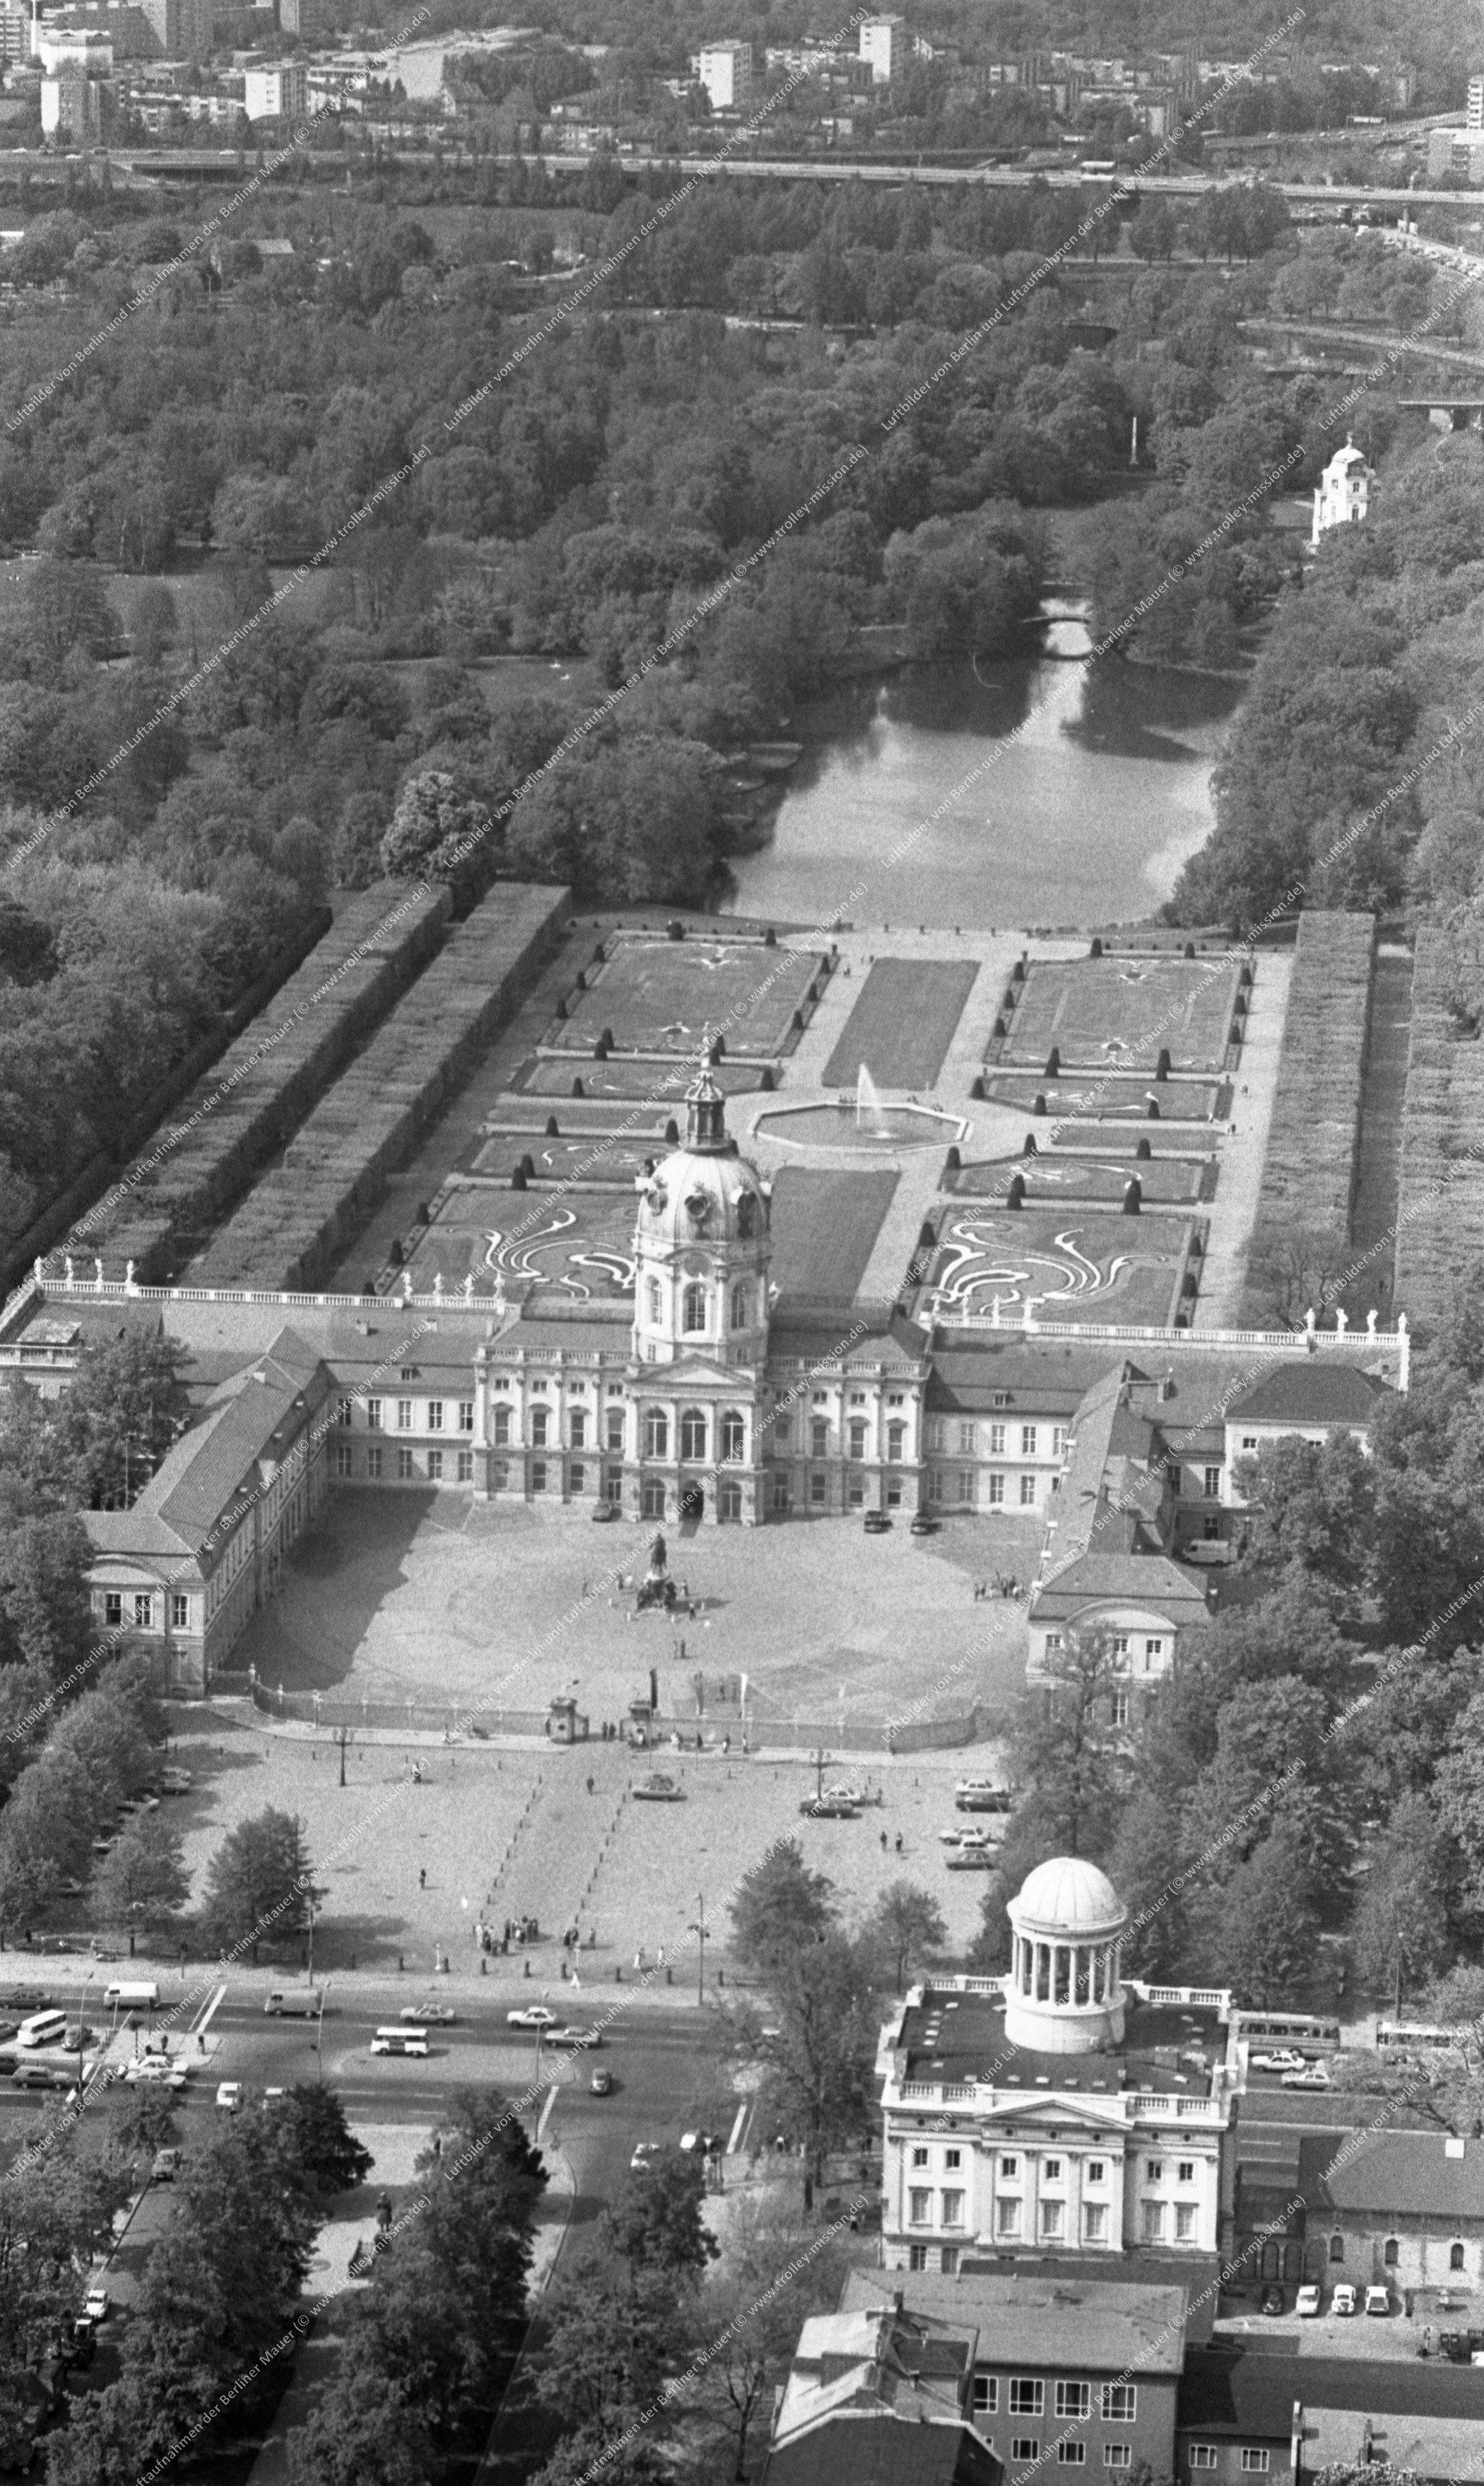 Berlin Luftbild Schloß Charlottenburg vom 12. Mai 1982 (Bild 069)